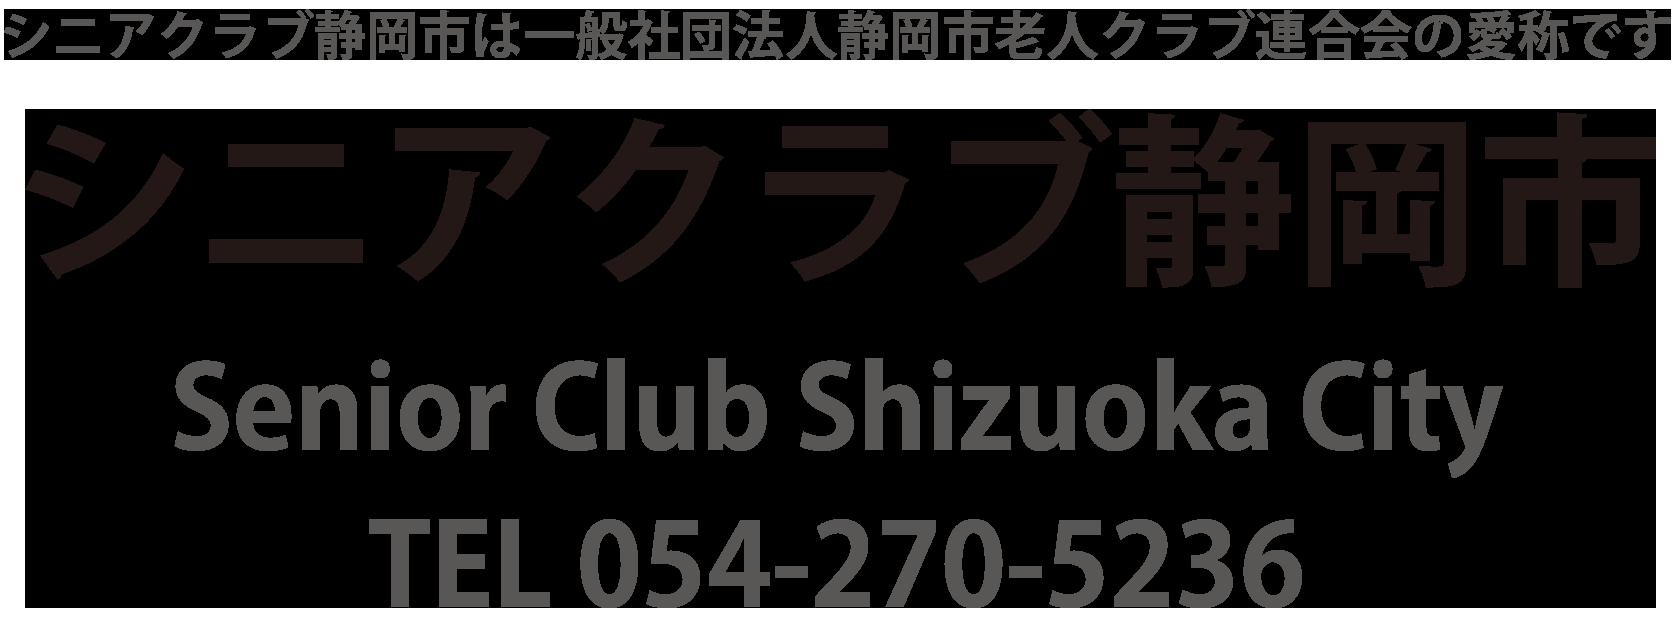 シニアクラブ静岡市